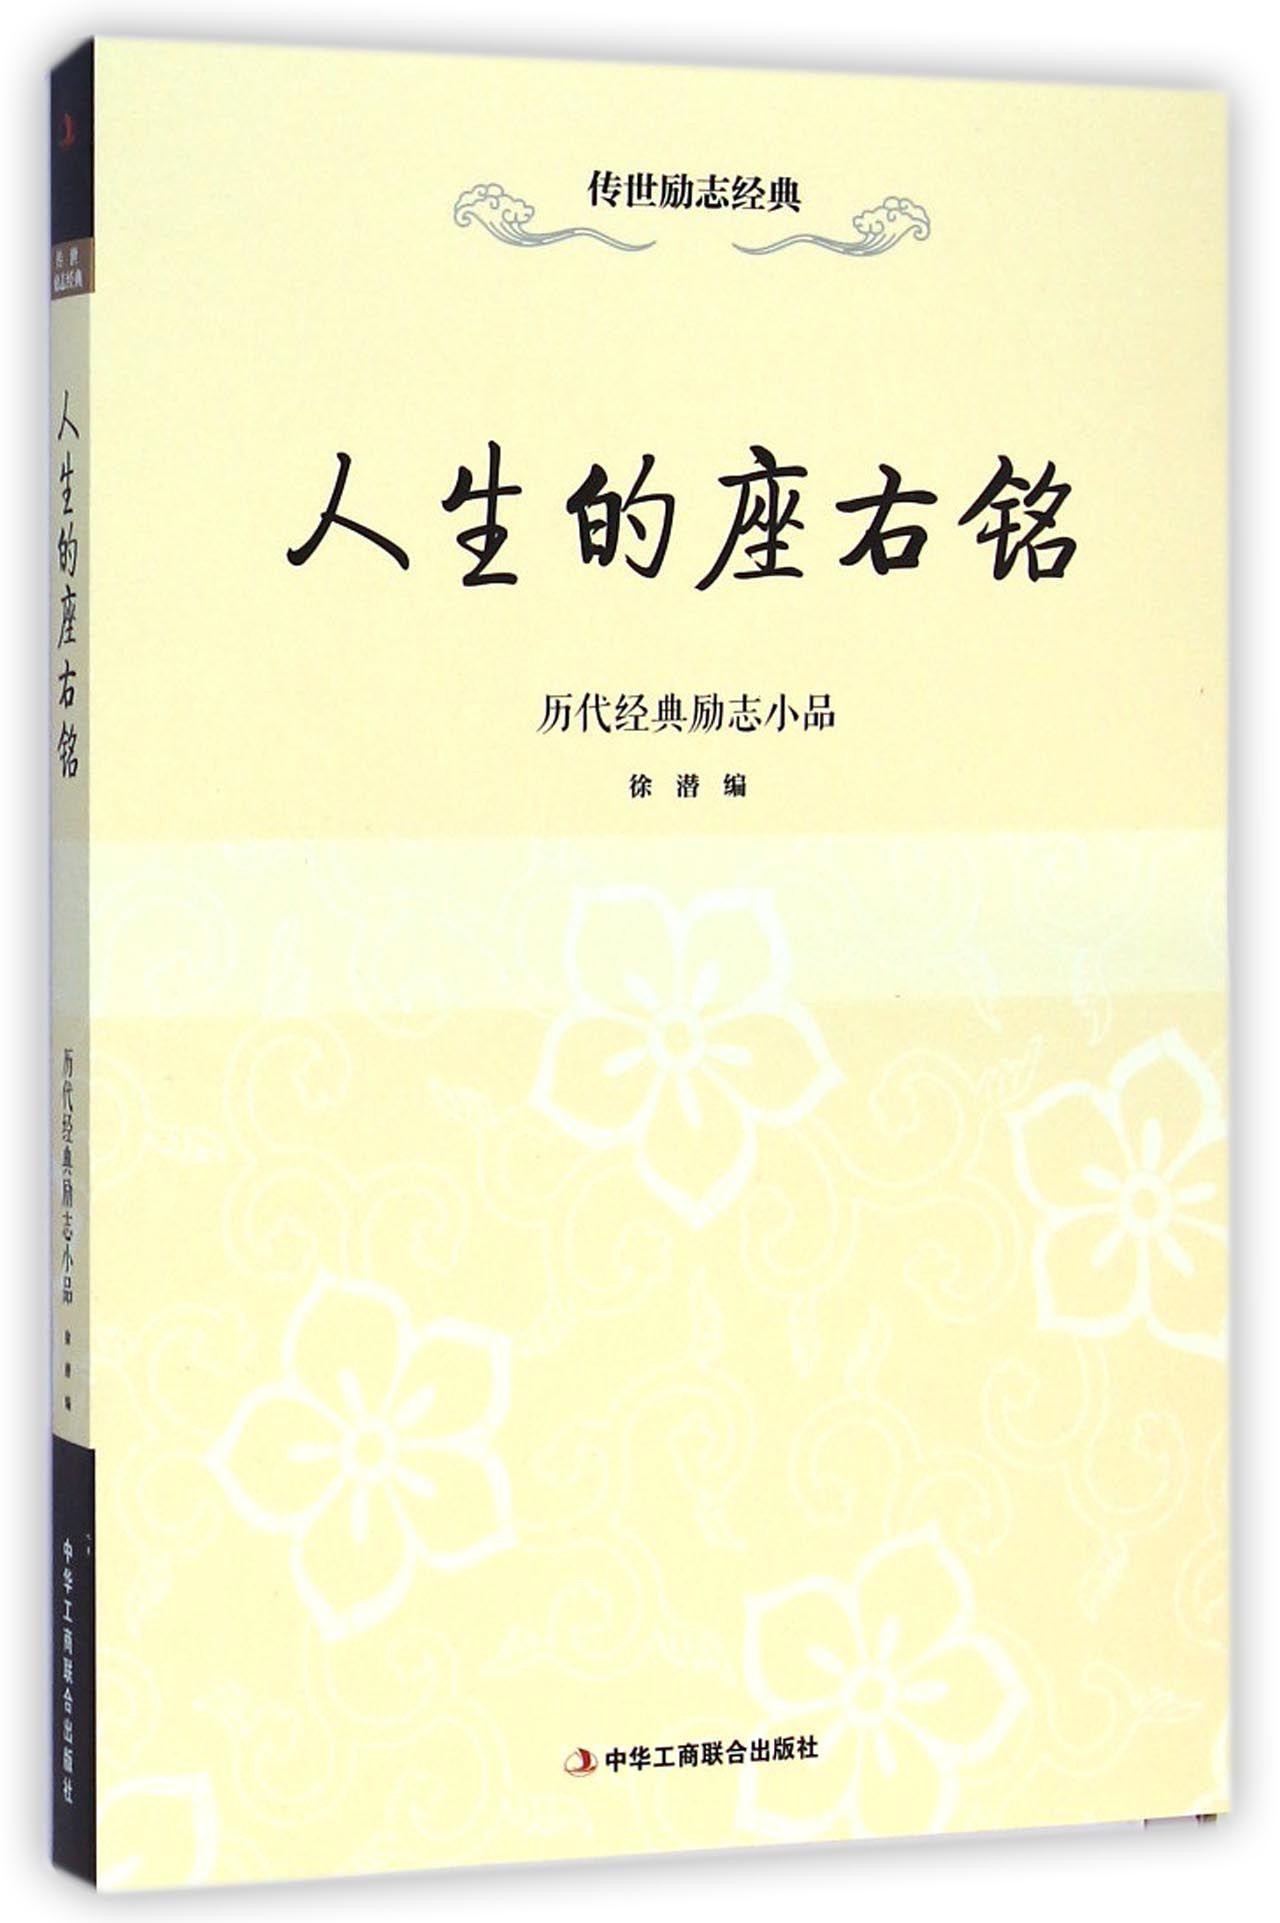 彭端淑《白鹤堂文集》